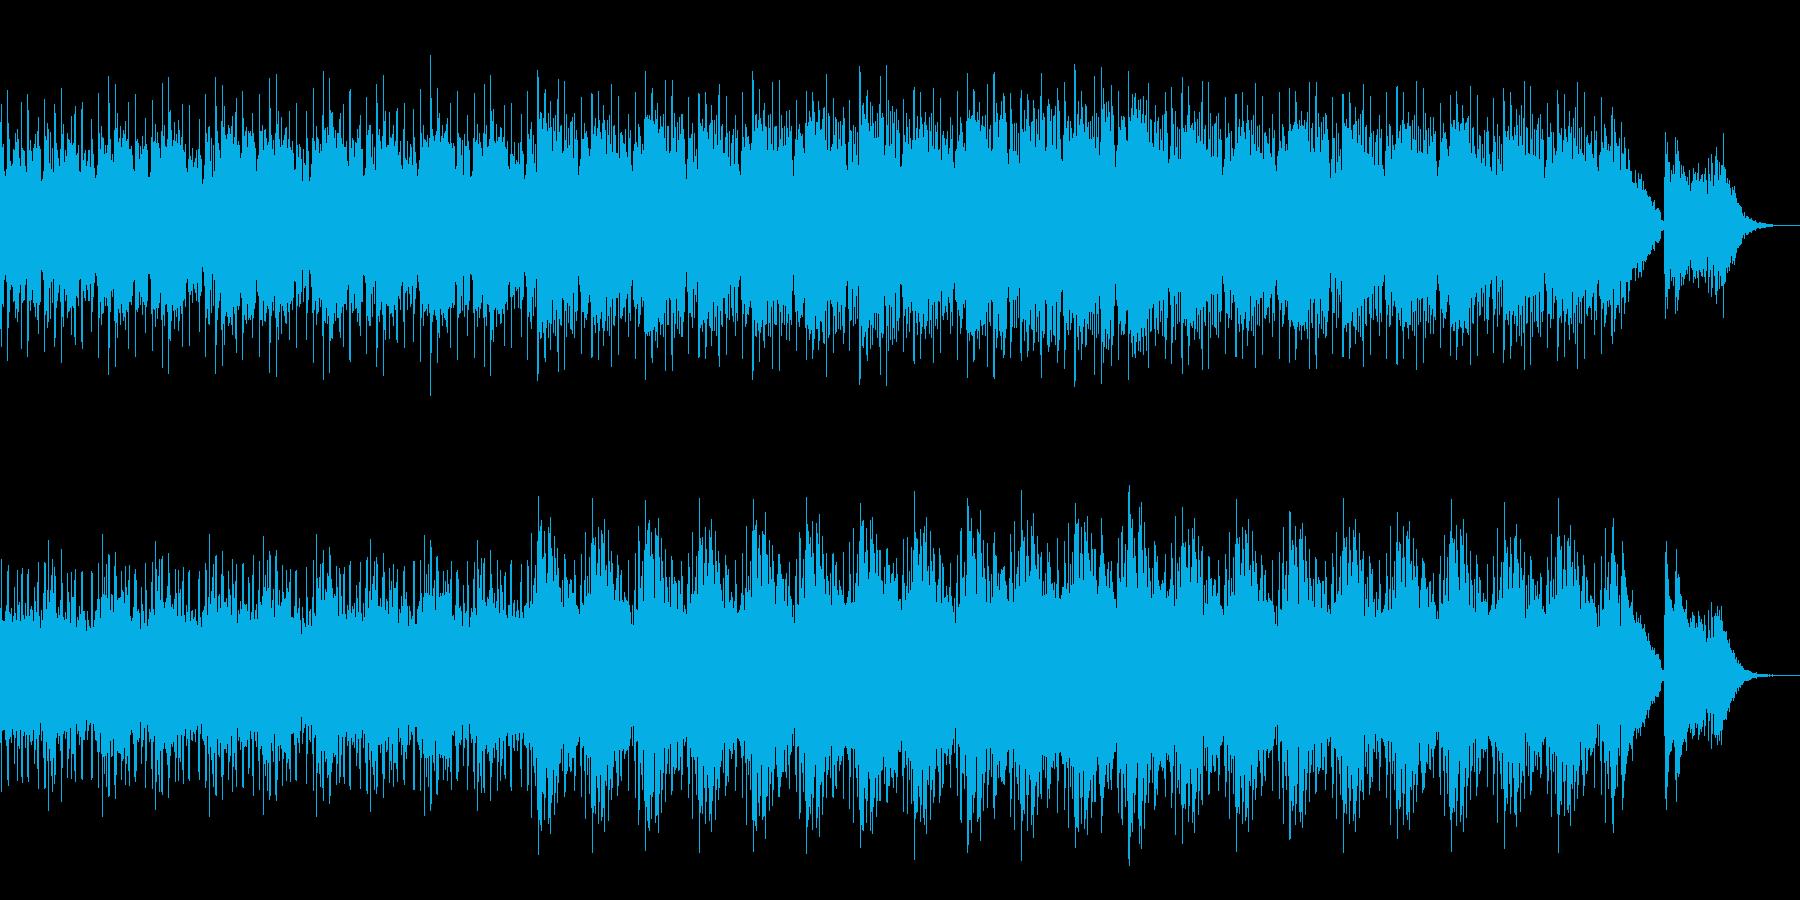 暗く、重い感じながらも疾走感のある曲の再生済みの波形